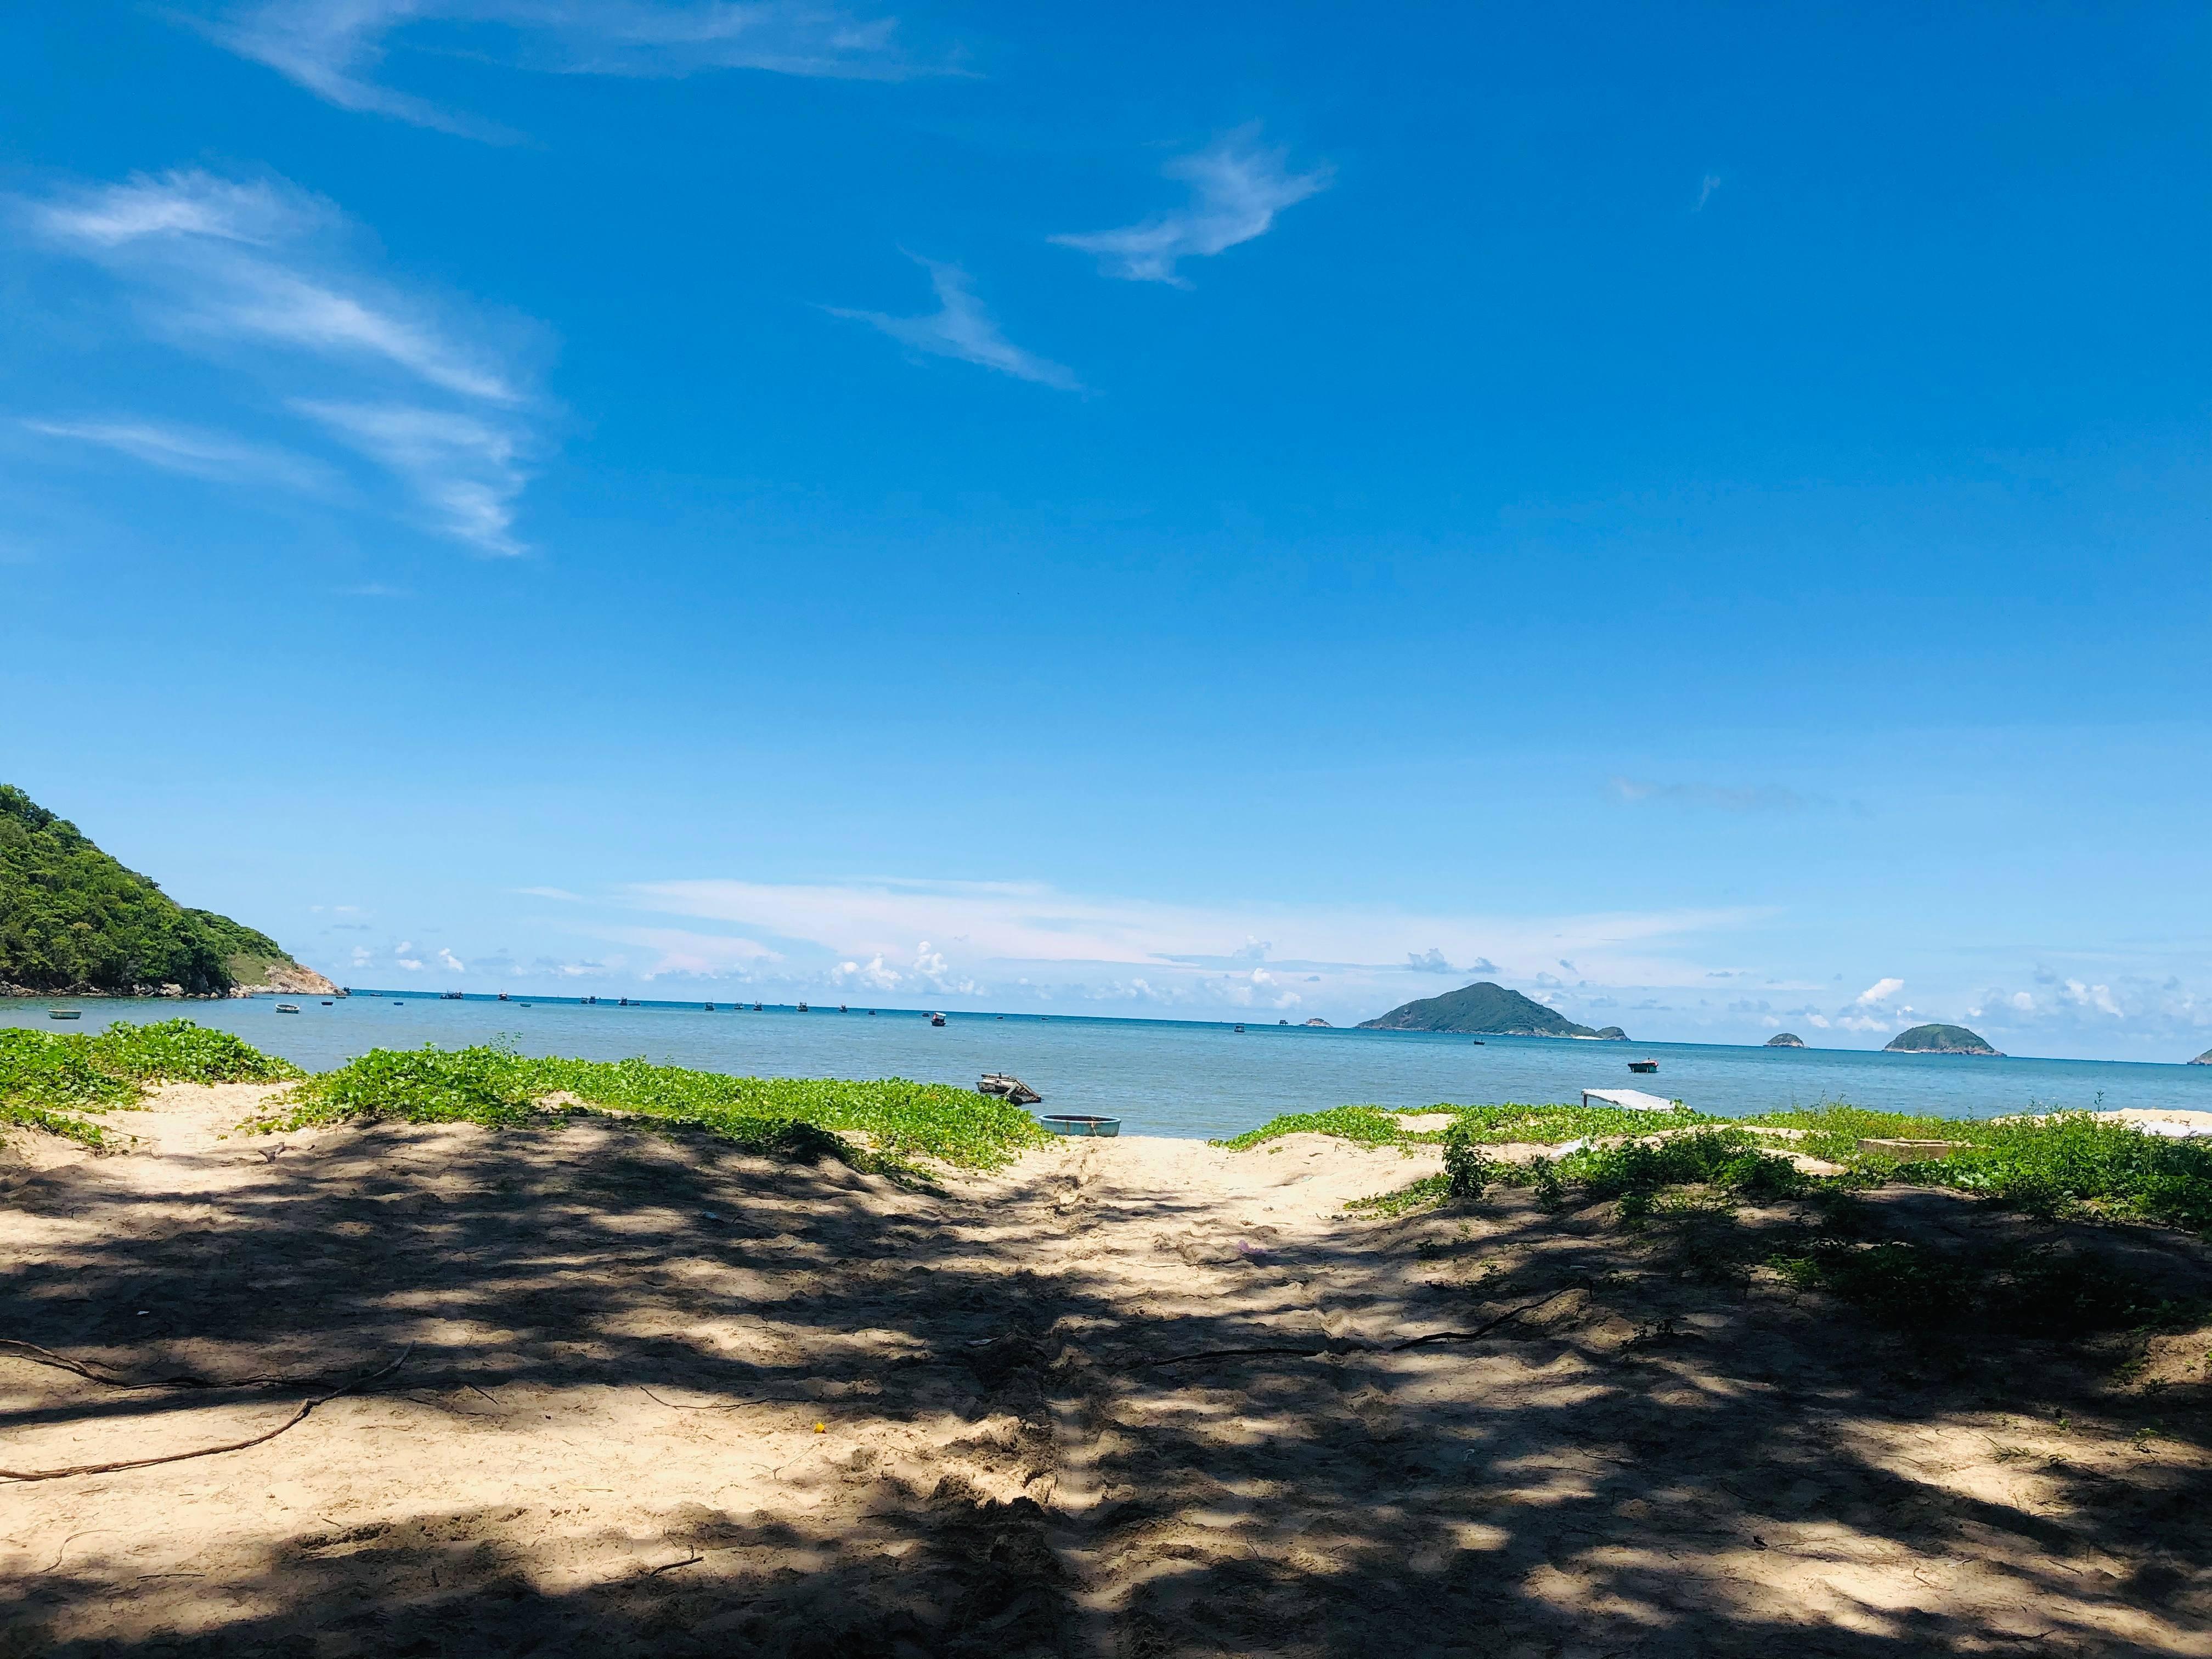 Điểm danh 15 địa điểm siêu đẹp ở Côn Đảo lên hình cực ảo - 17